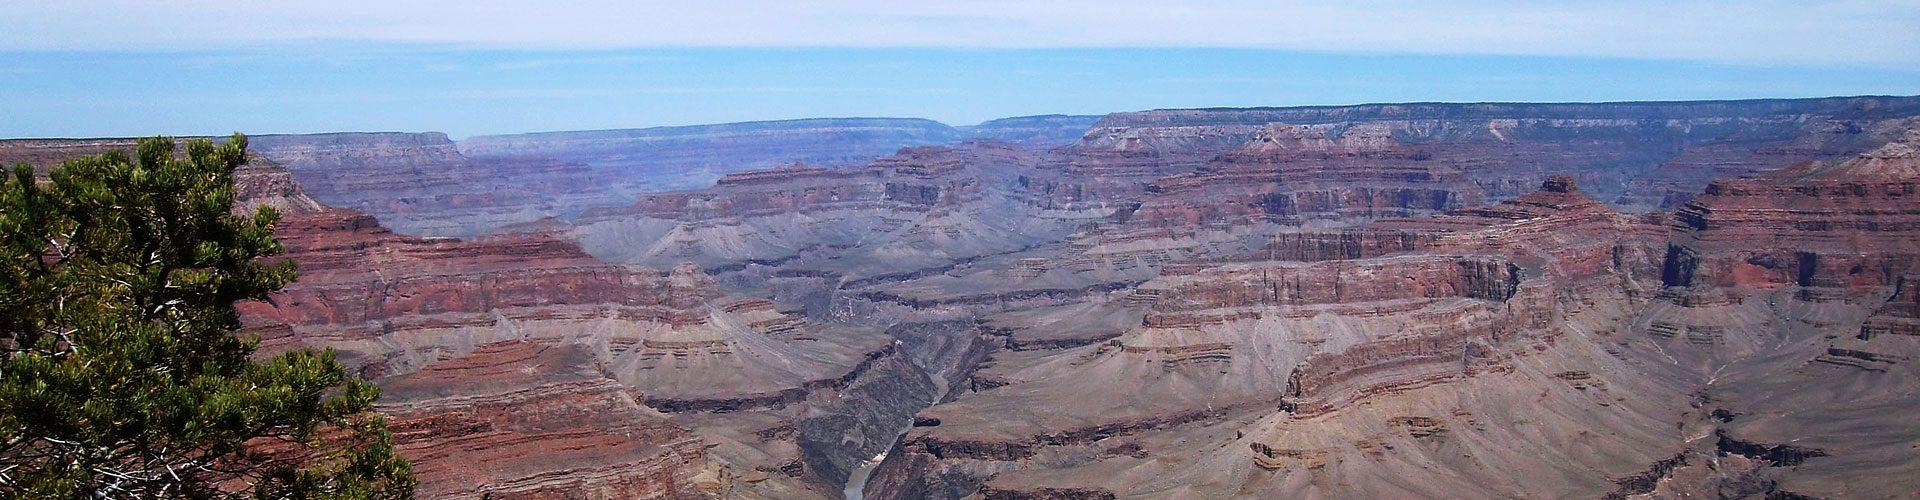 Die Schluchten des Grand Canyon National Park